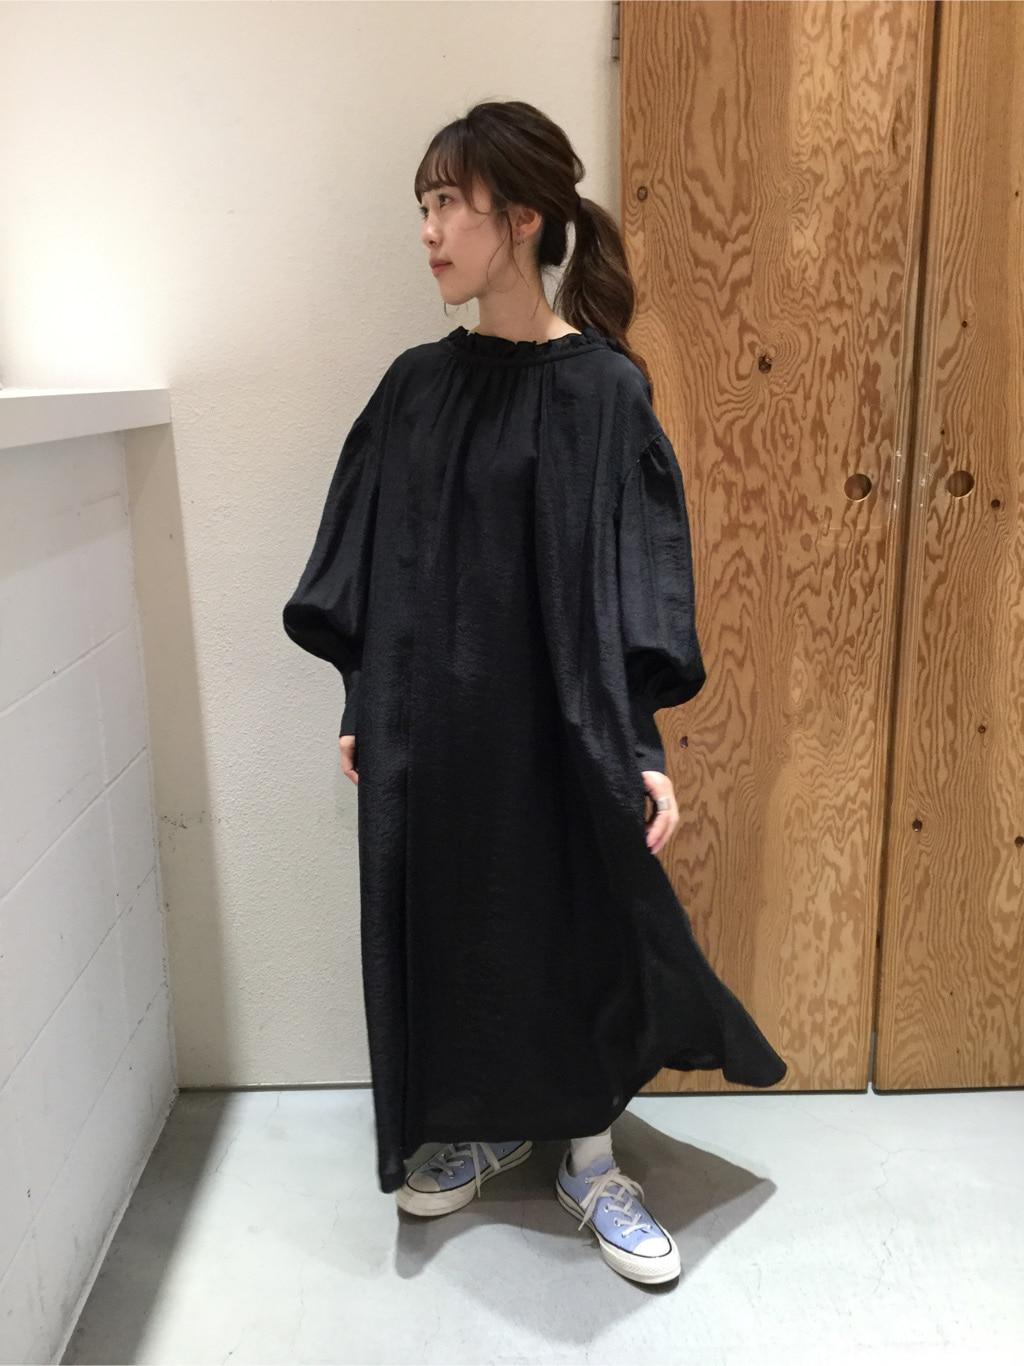 l'atelier du savon グランフロント大阪 身長:152cm 2019.11.27